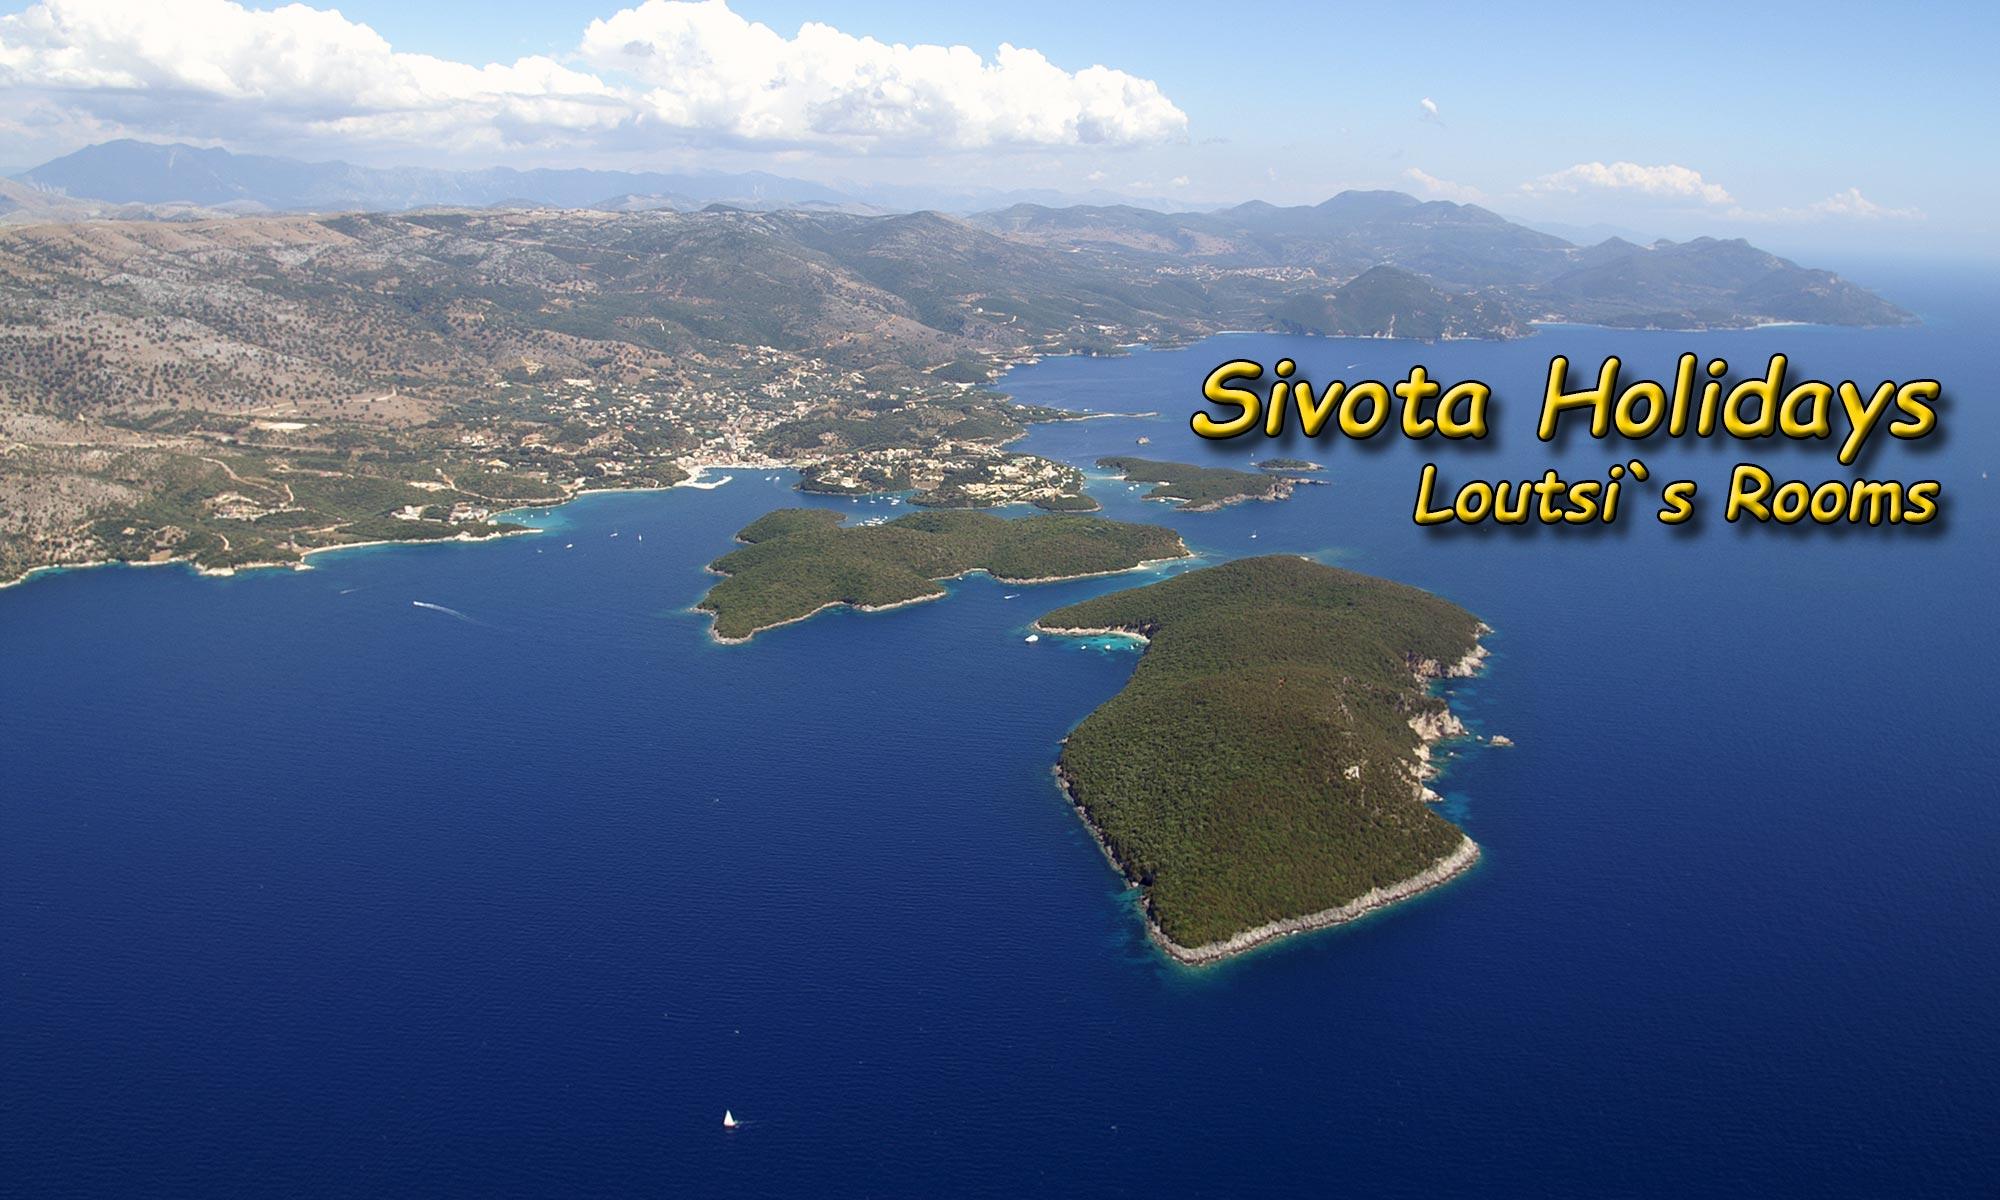 Sivota Holidays